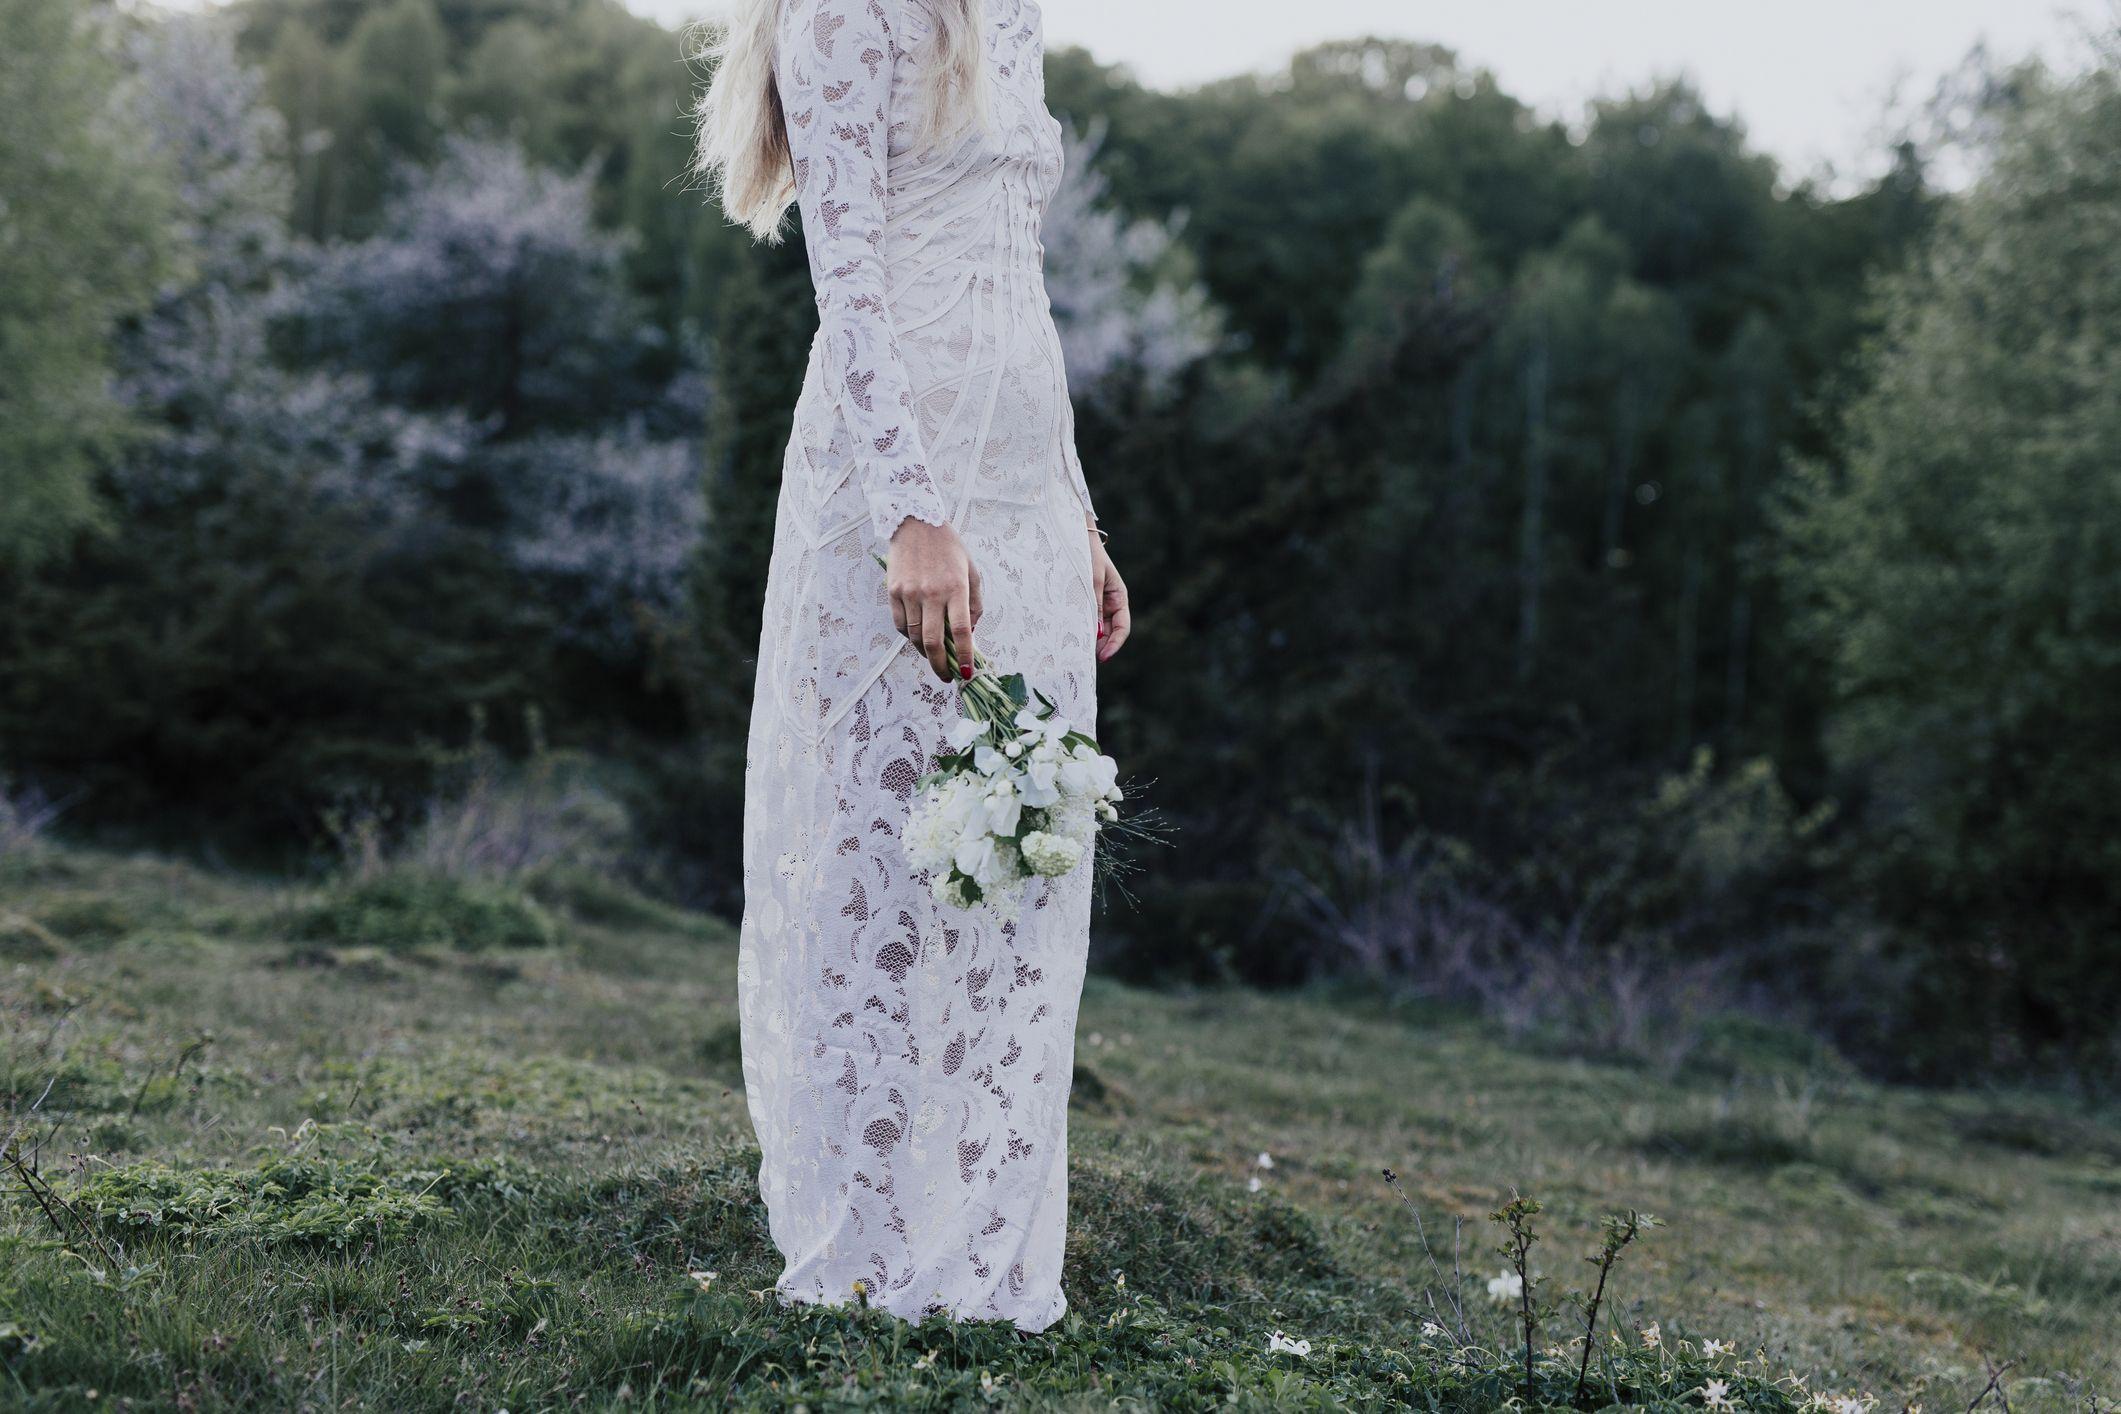 f18e634de3cad 9 Modest Wedding Dresses - Forget the Naked Dress: Modest Wedding Gowns Are  the New Trend